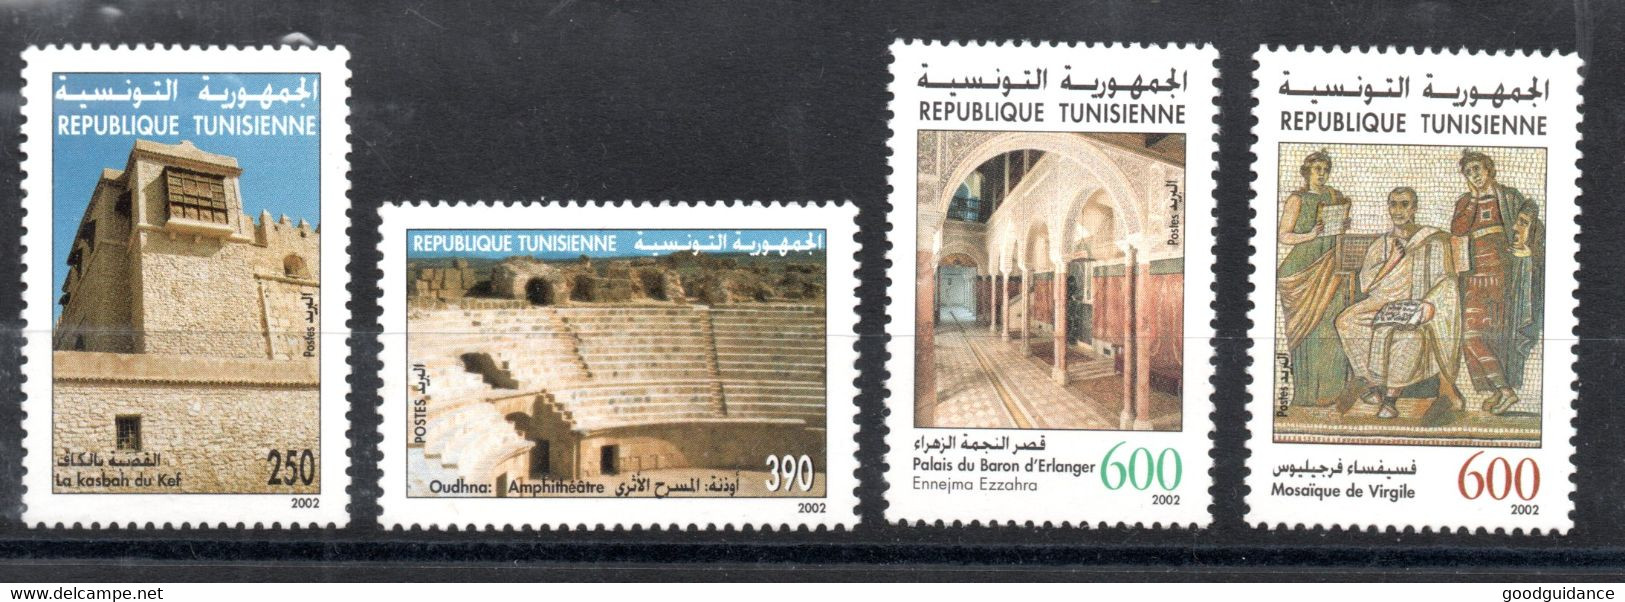 2002 - Tunisie - Sites Et Monuments Archéologiques De Tunisie - Architecture - Mosaïques- Série Complète 4v MNH** - Archéologie